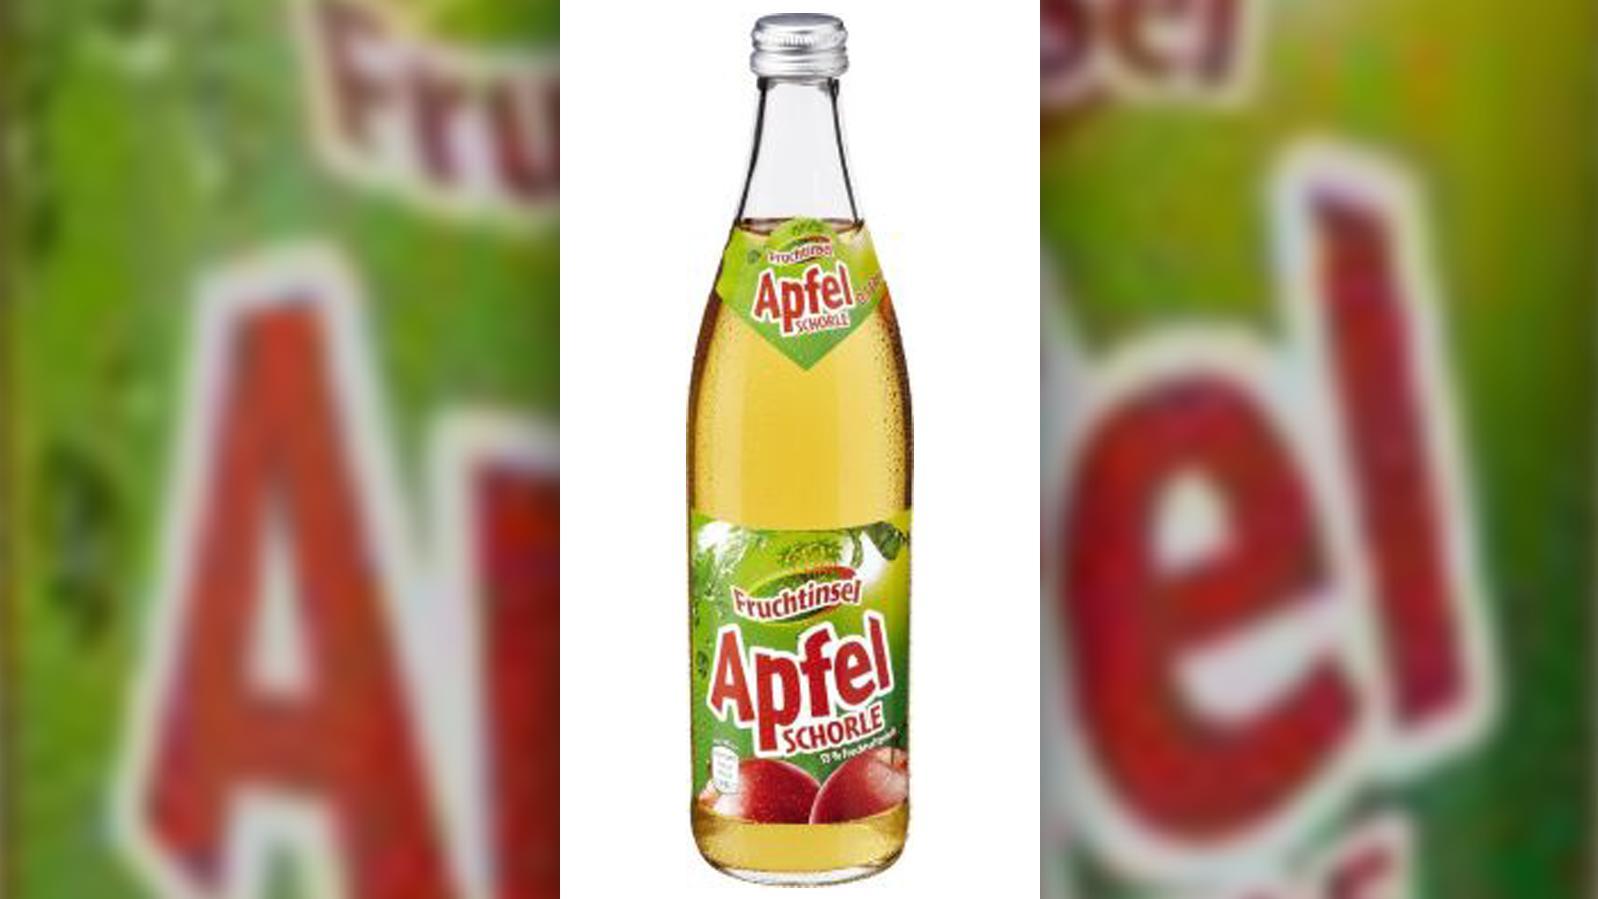 Diese bei Netto verkaufte Apfelschorle wurde zurückgerufen.